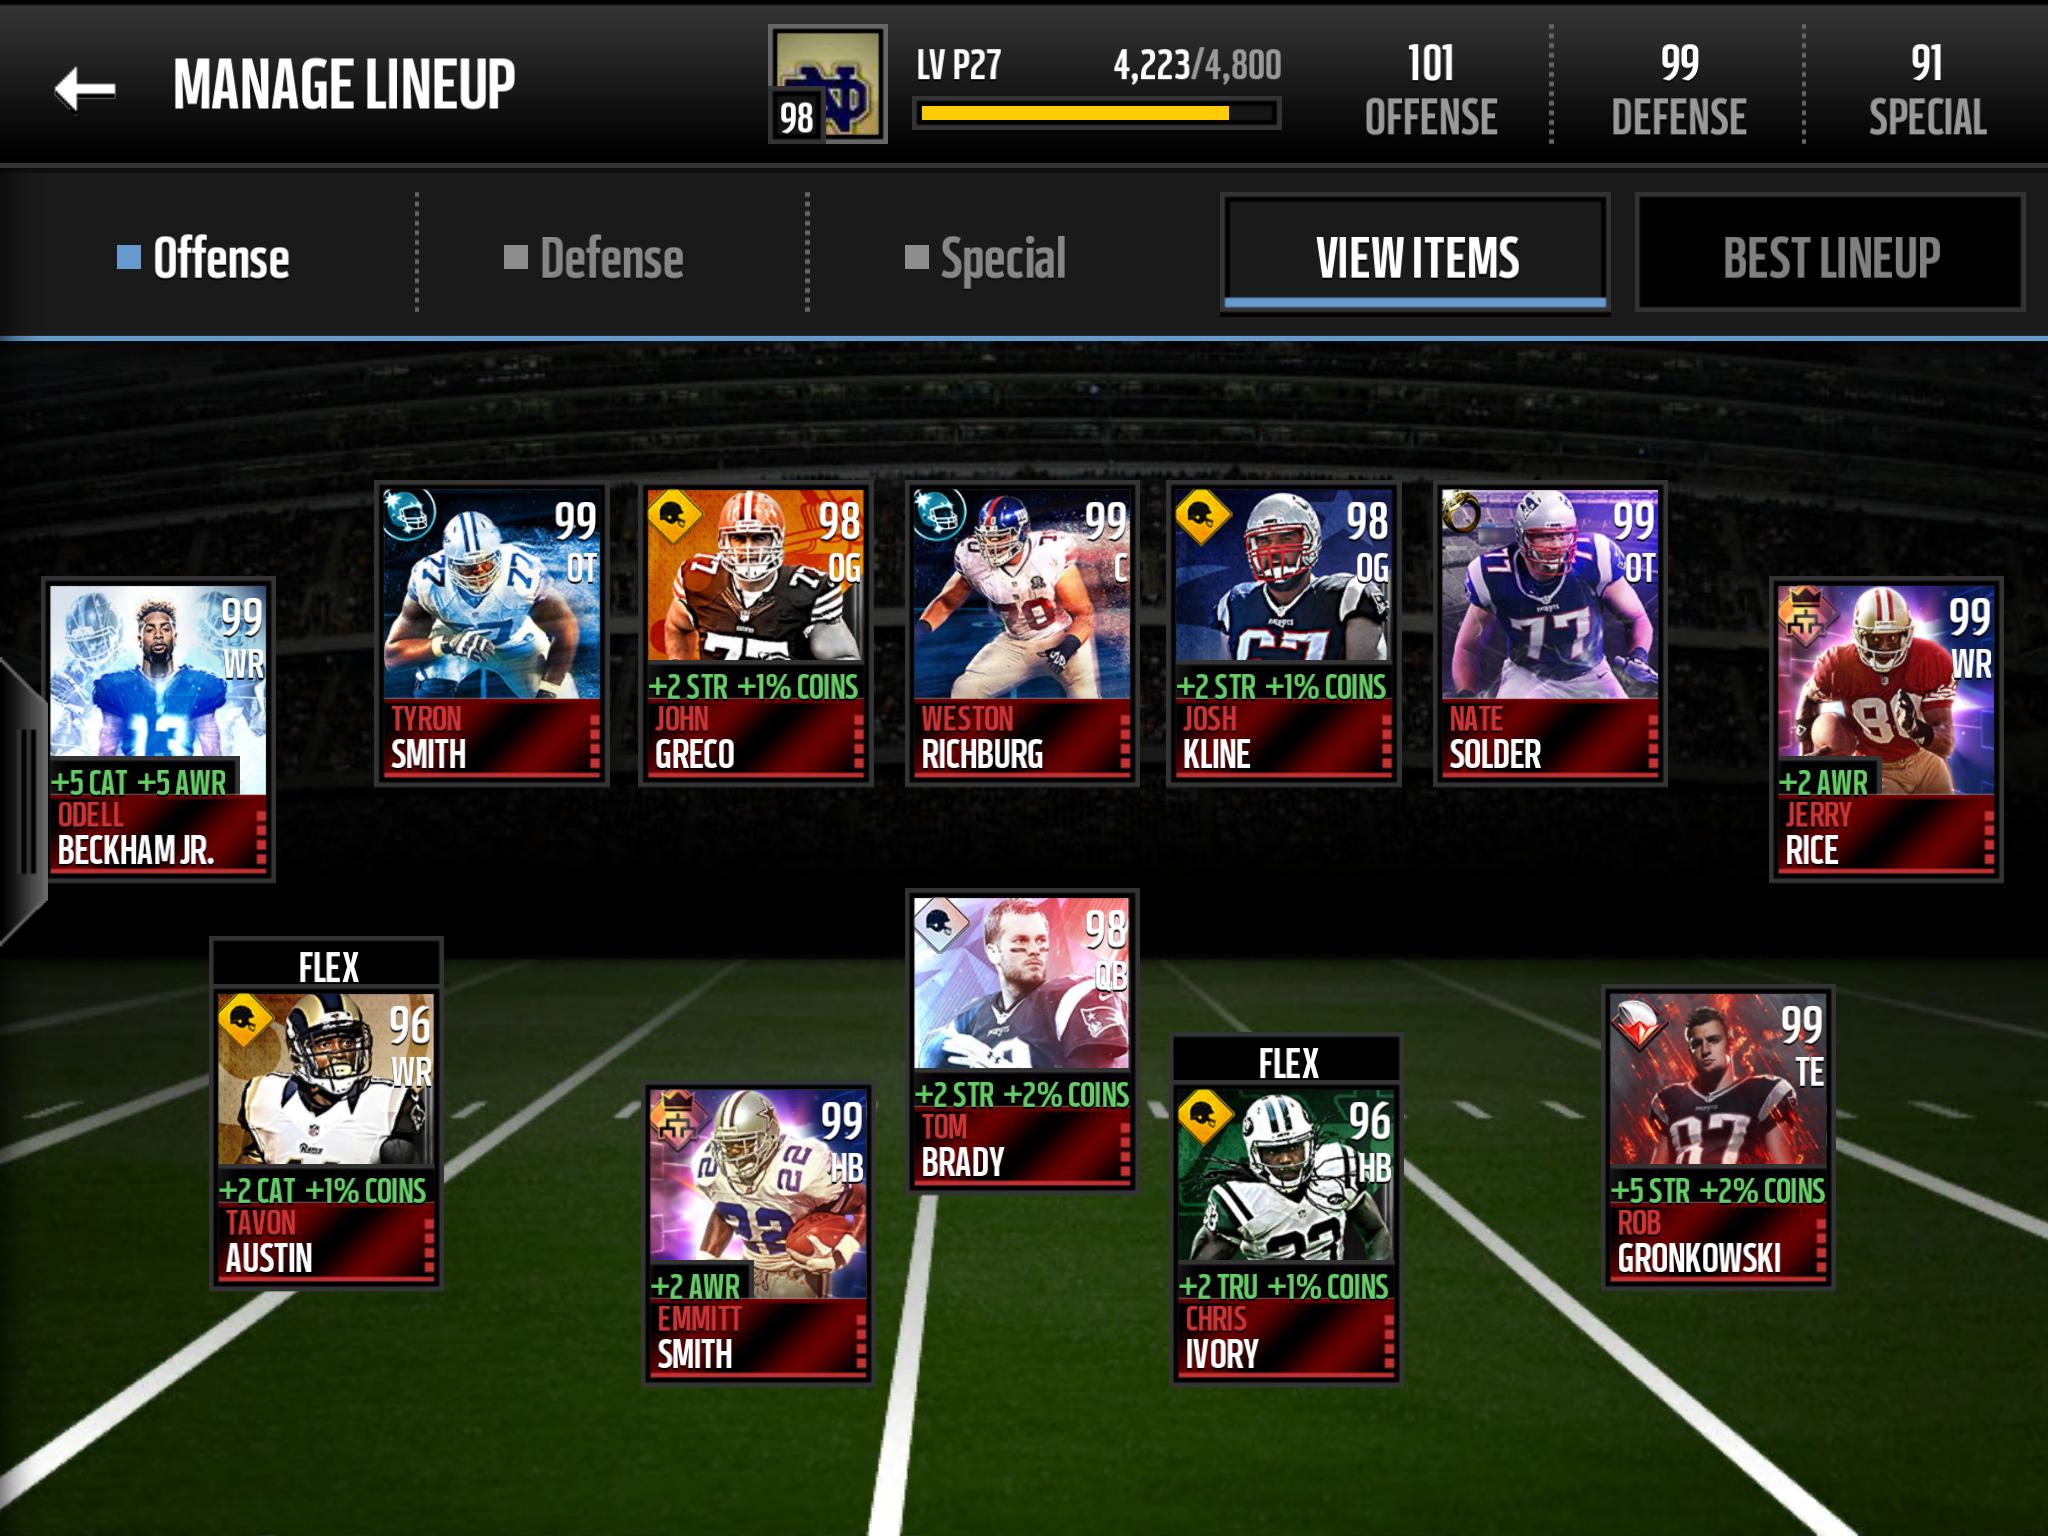 Slot receiver help - Madden NFL Mobile Discussion - Madden NFL Mobile - Madden NFL 18 Forums ...